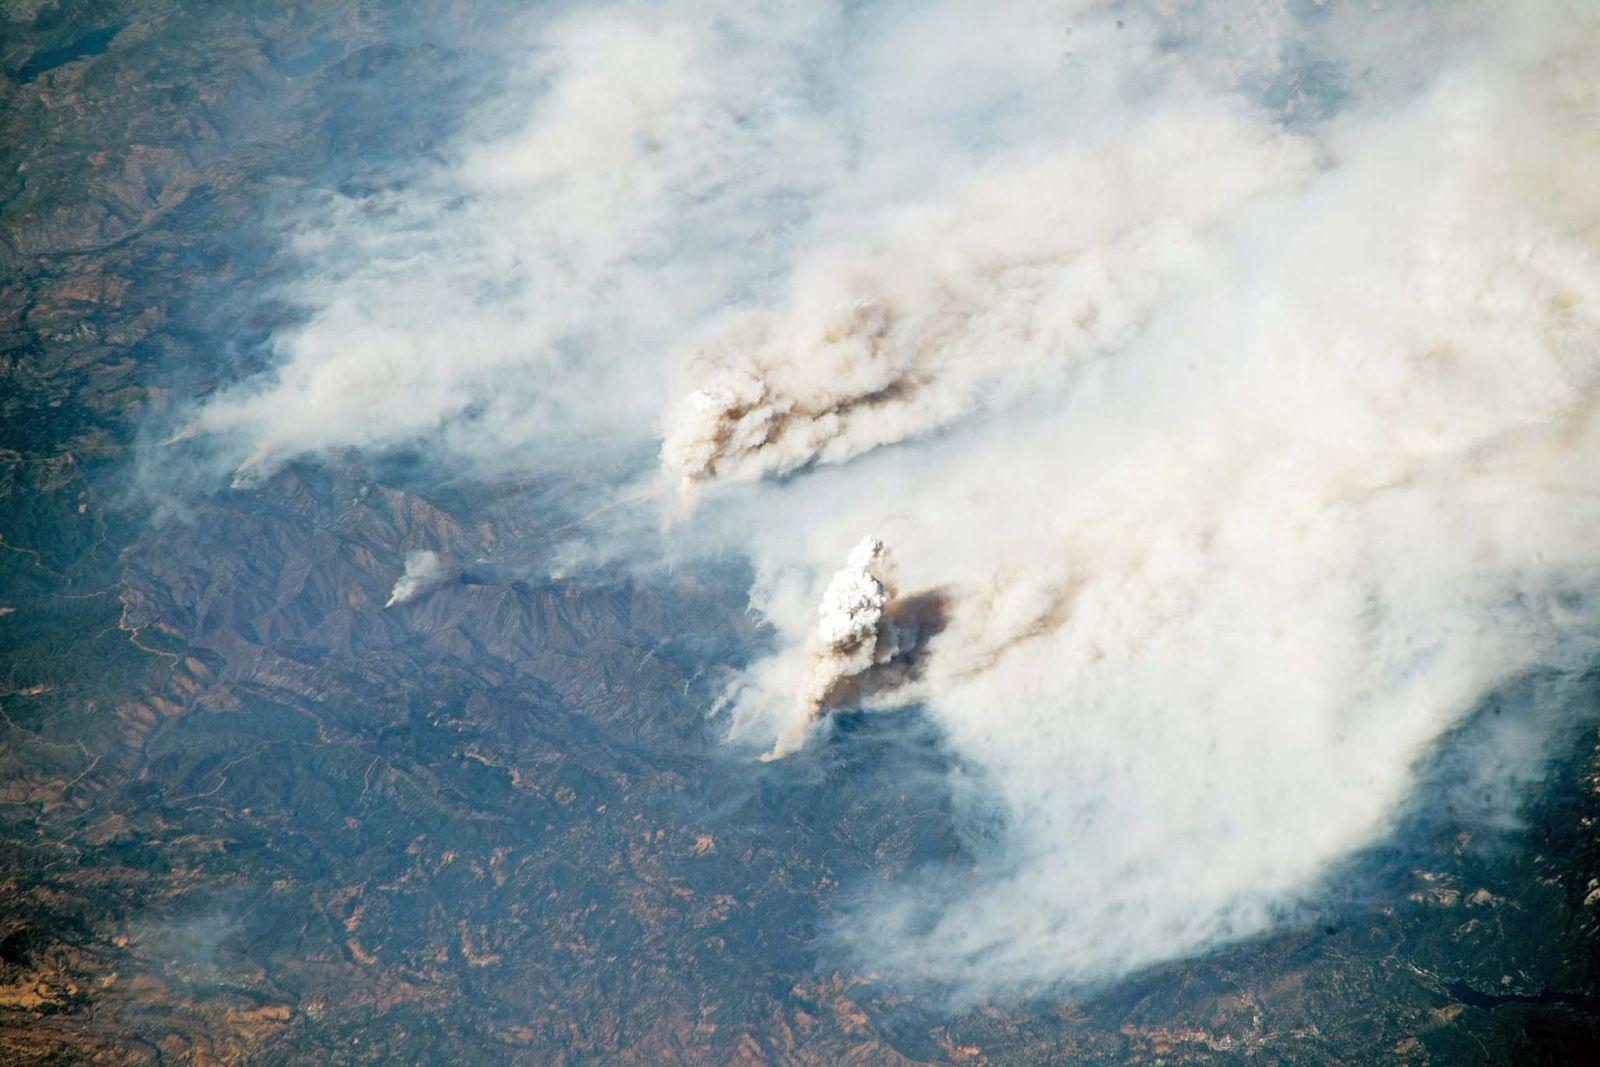 加州最大山火仍蔓延 恐肆虐 至下月初